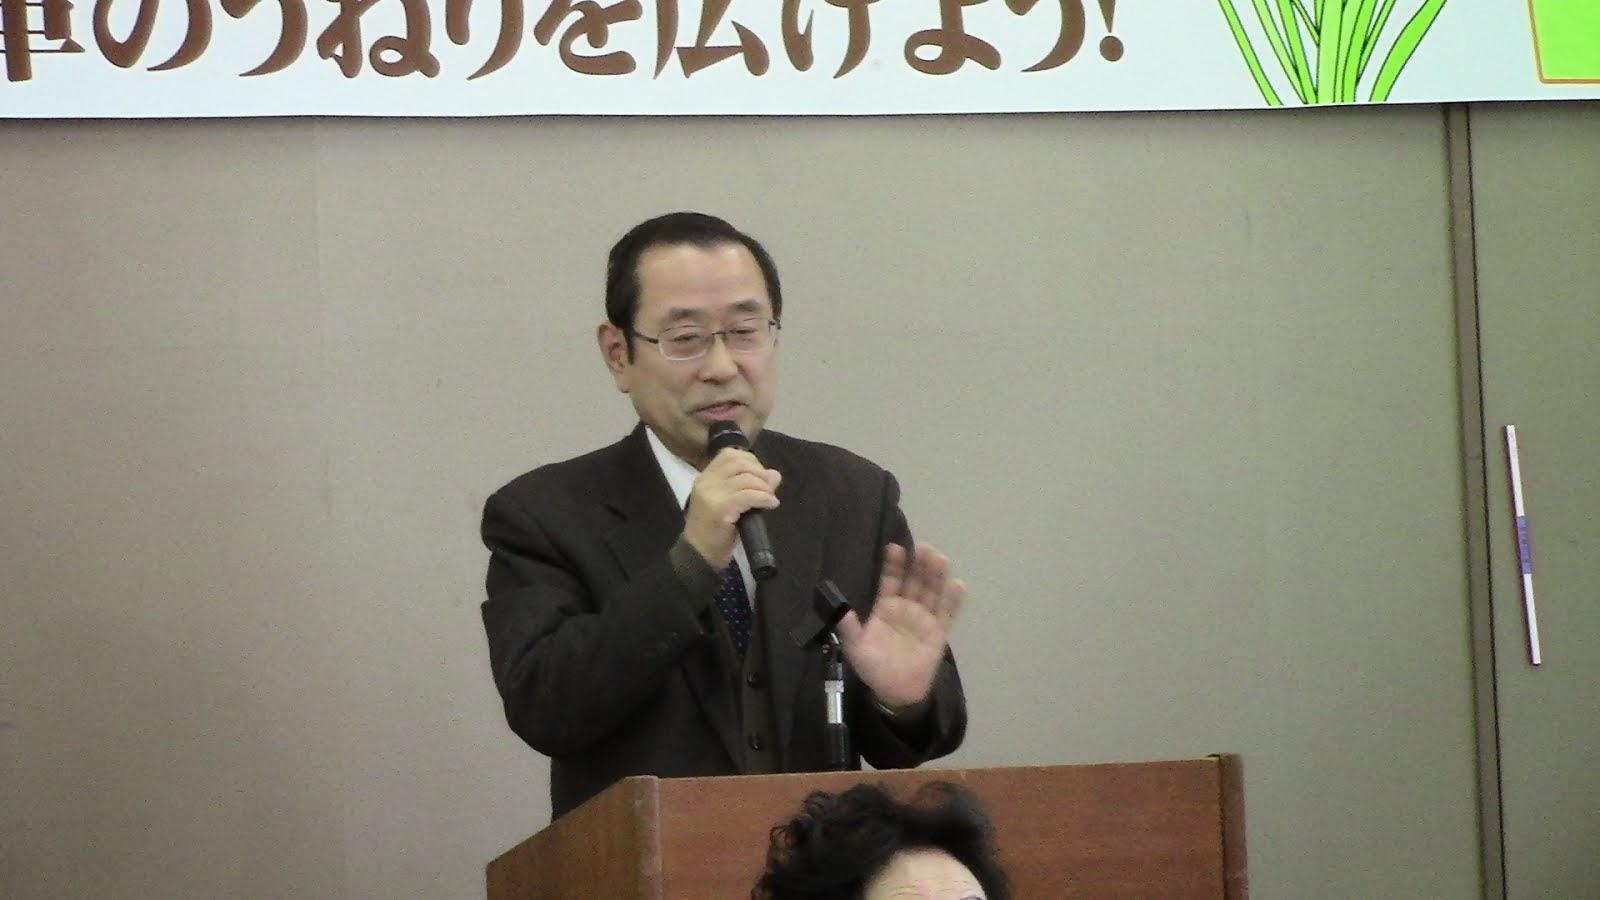 松本秀典(東京地評)   非正規雇用2042万人、ベアとともに派遣法改悪阻止!